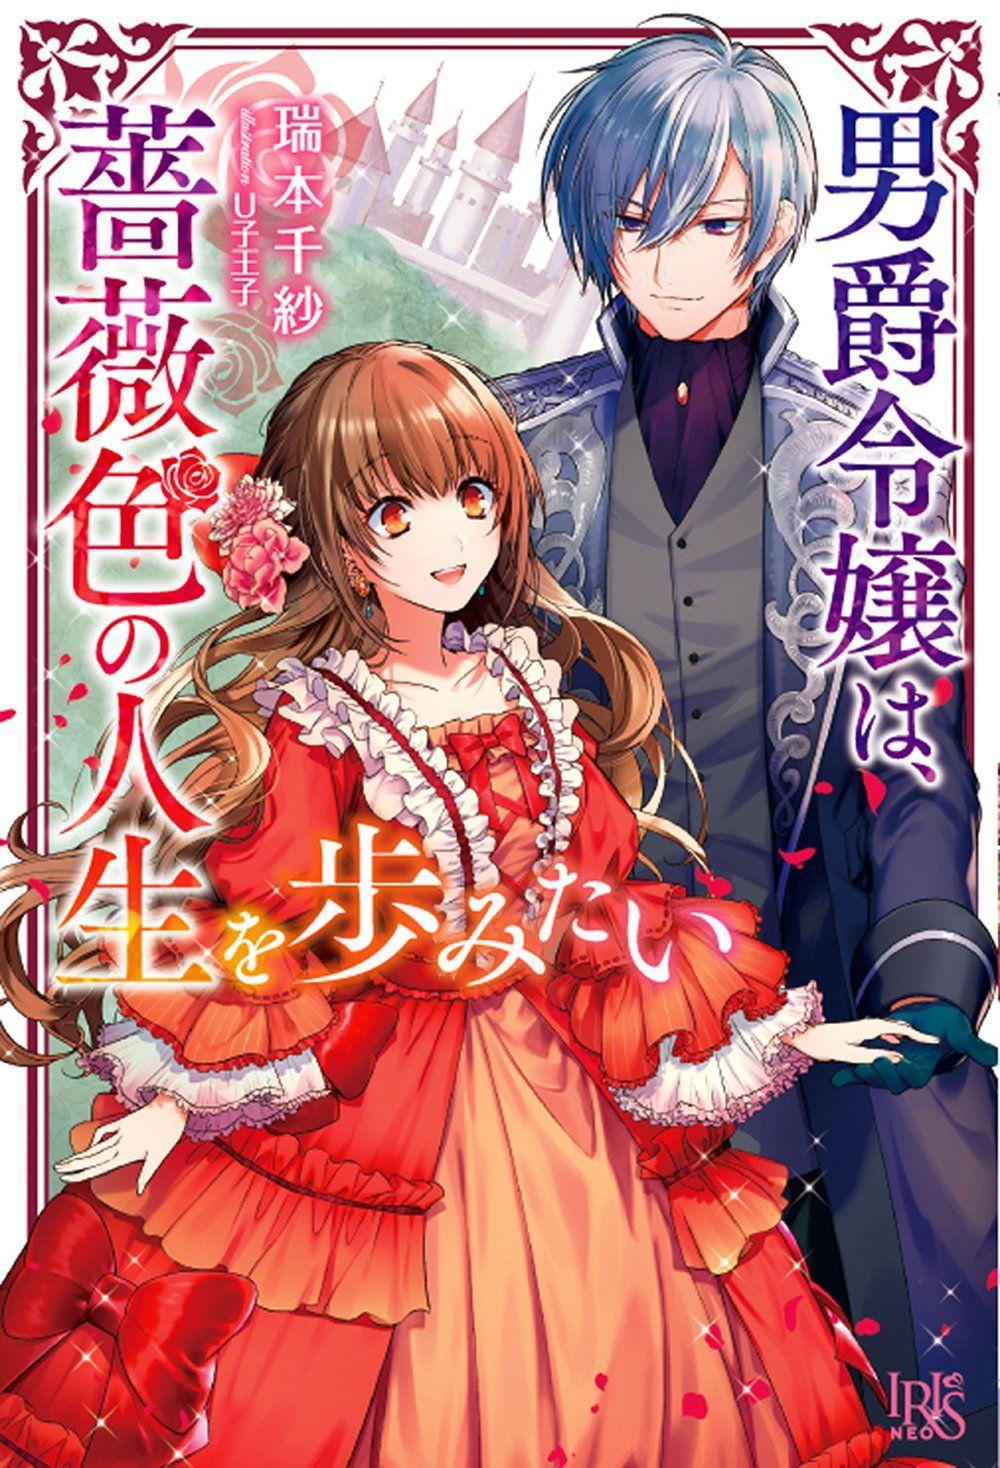 男爵令嬢は、薔薇色の人生を歩みたい | light novel | pinterest